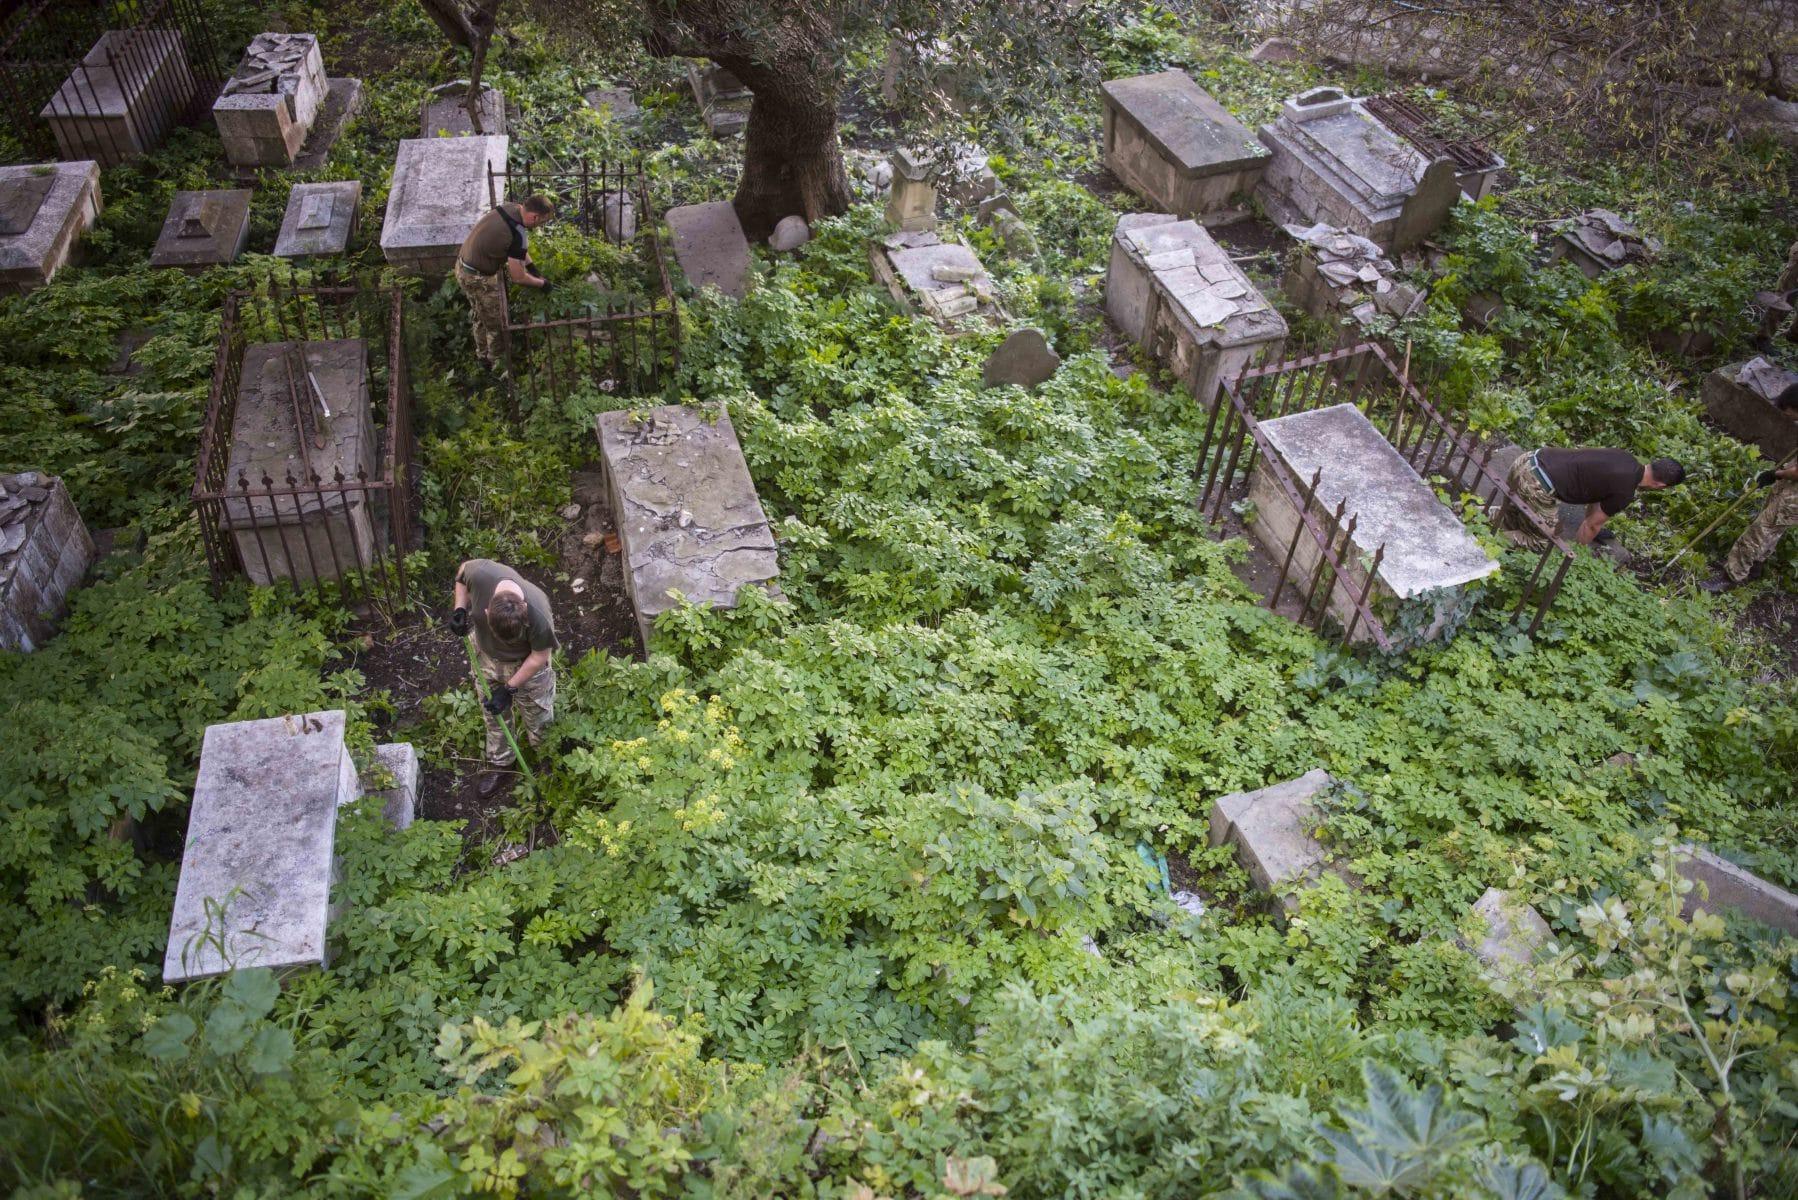 restauracin-cementerio-witham-29_25477575695_o